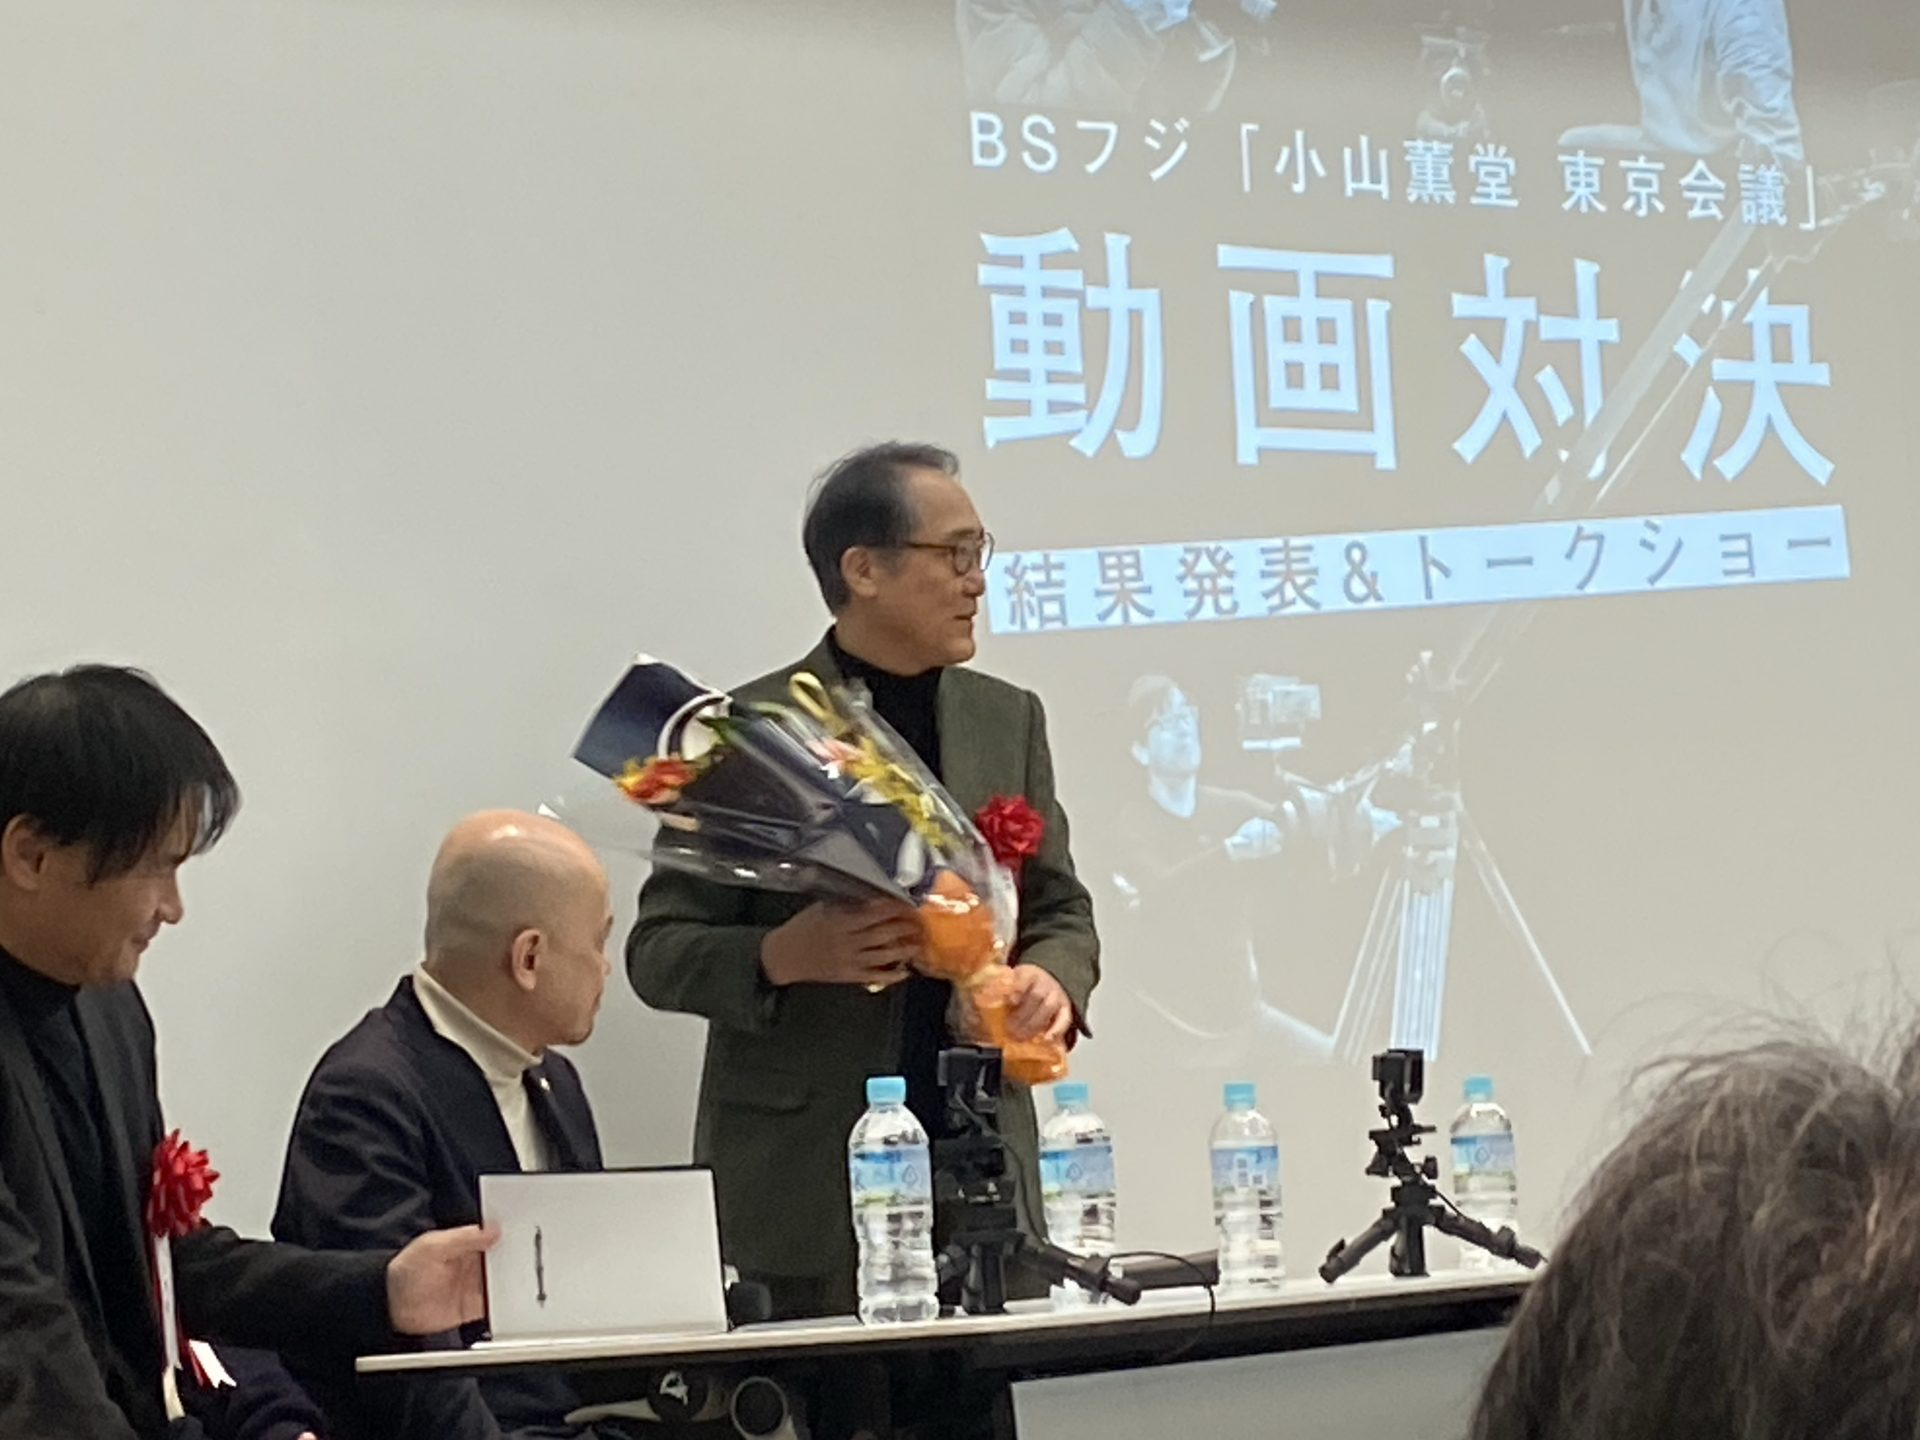 特別審査員の一人は、なんと佐野史郎さん! 写真の腕前もプロ顔負け! 大好きな俳優さんです